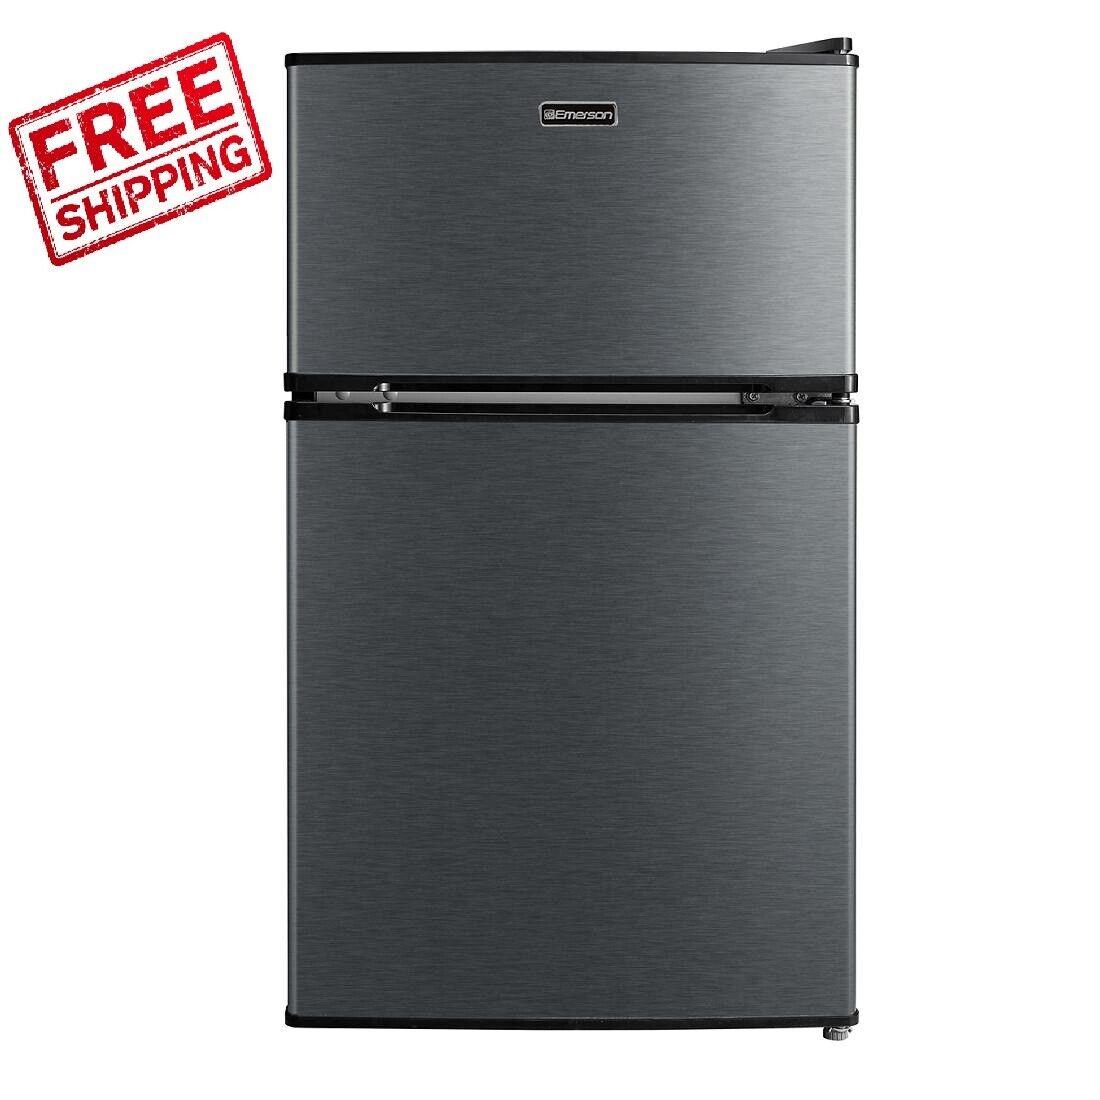 3.1 Cu Ft Stainless Steel Mini Fridge Freezer 2-Door Compact Refrigerator